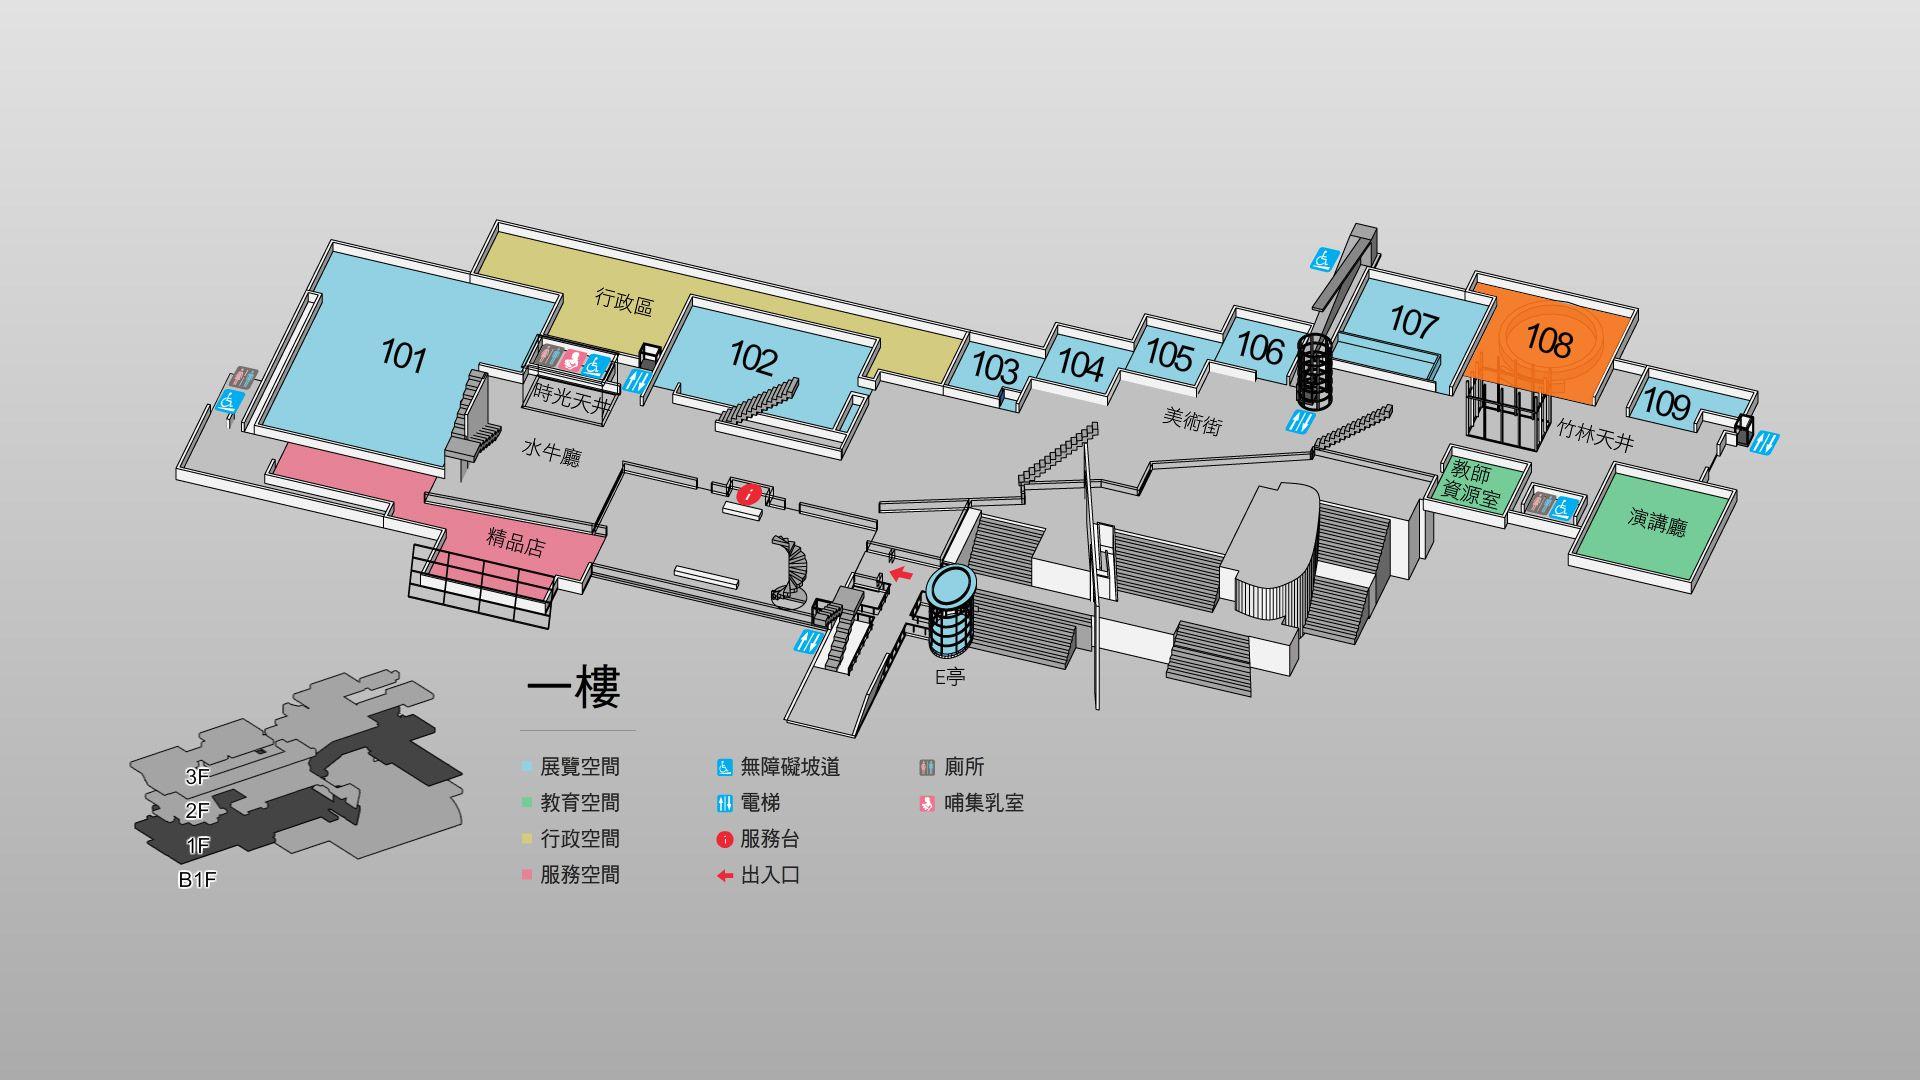 108展覽室平面圖